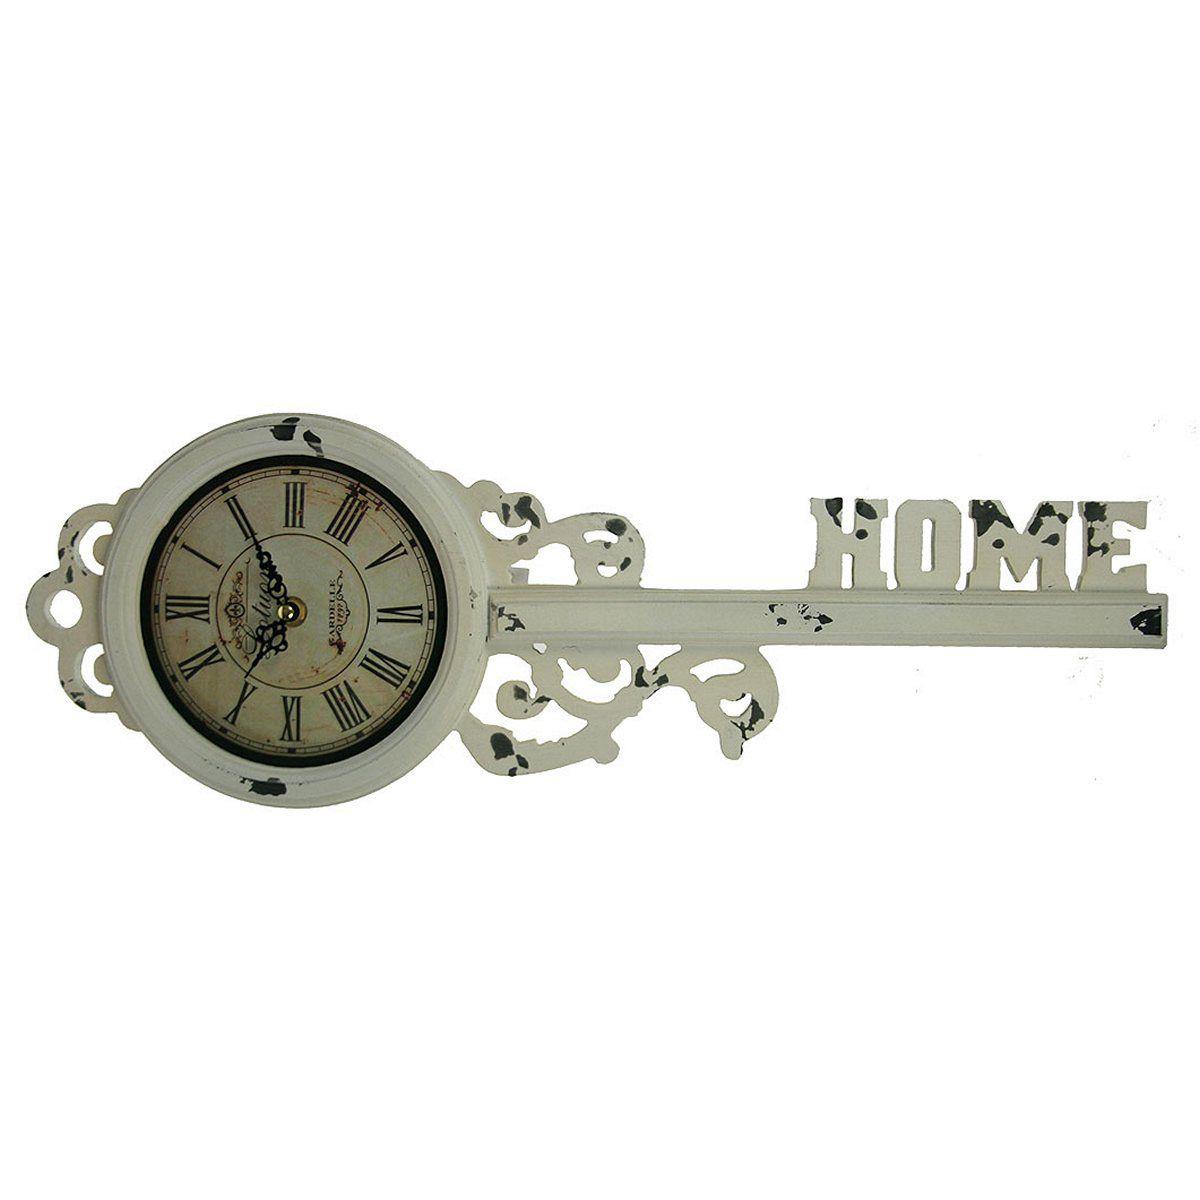 Часы настенные Русские Подарки, 18 х 52 х 5 см. 2961429614Настенные кварцевые часы Русские Подарки изготовлены из МДФ. Корпус выполнен в виде старинного ключа и имеет надпись Home. Часы имеют две стрелки - часовую и минутную. С обратной стороны имеется петелька для подвешивания на стену. Изящные часы красиво и оригинально оформят интерьер дома или офиса.